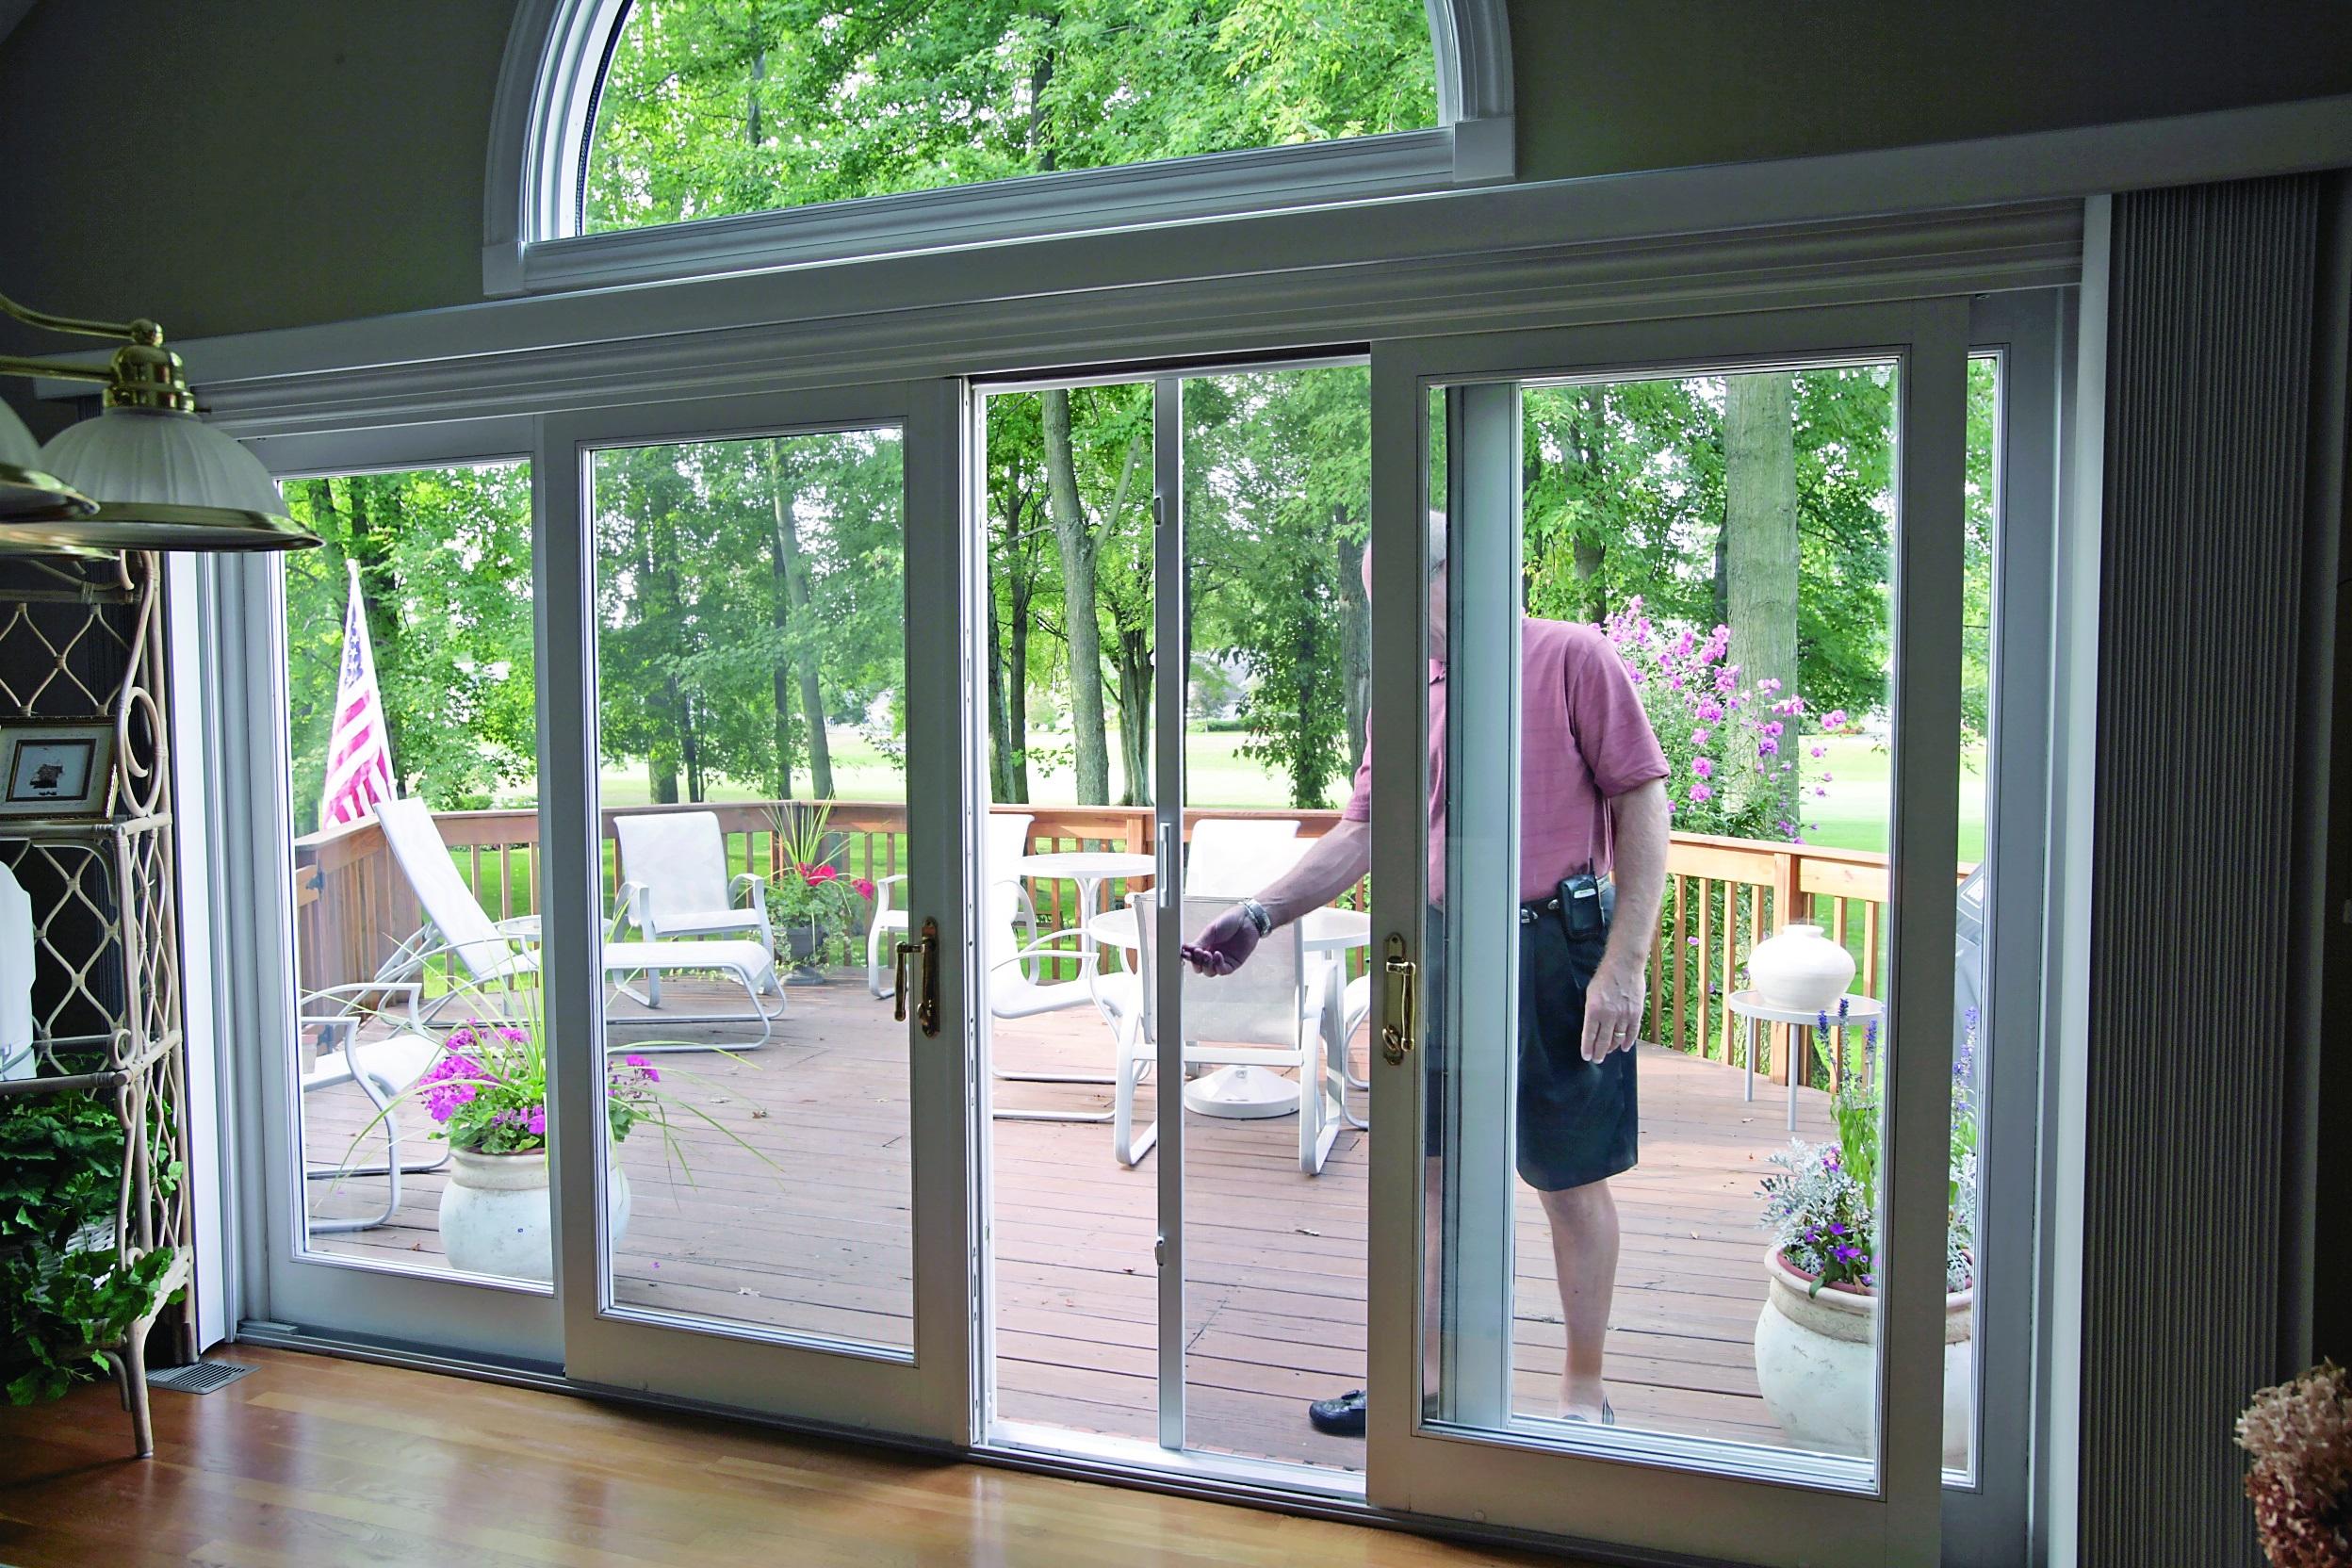 Screen Door For My Sliding Glass Doorbeautiful and attractive sliding patio doors with screens